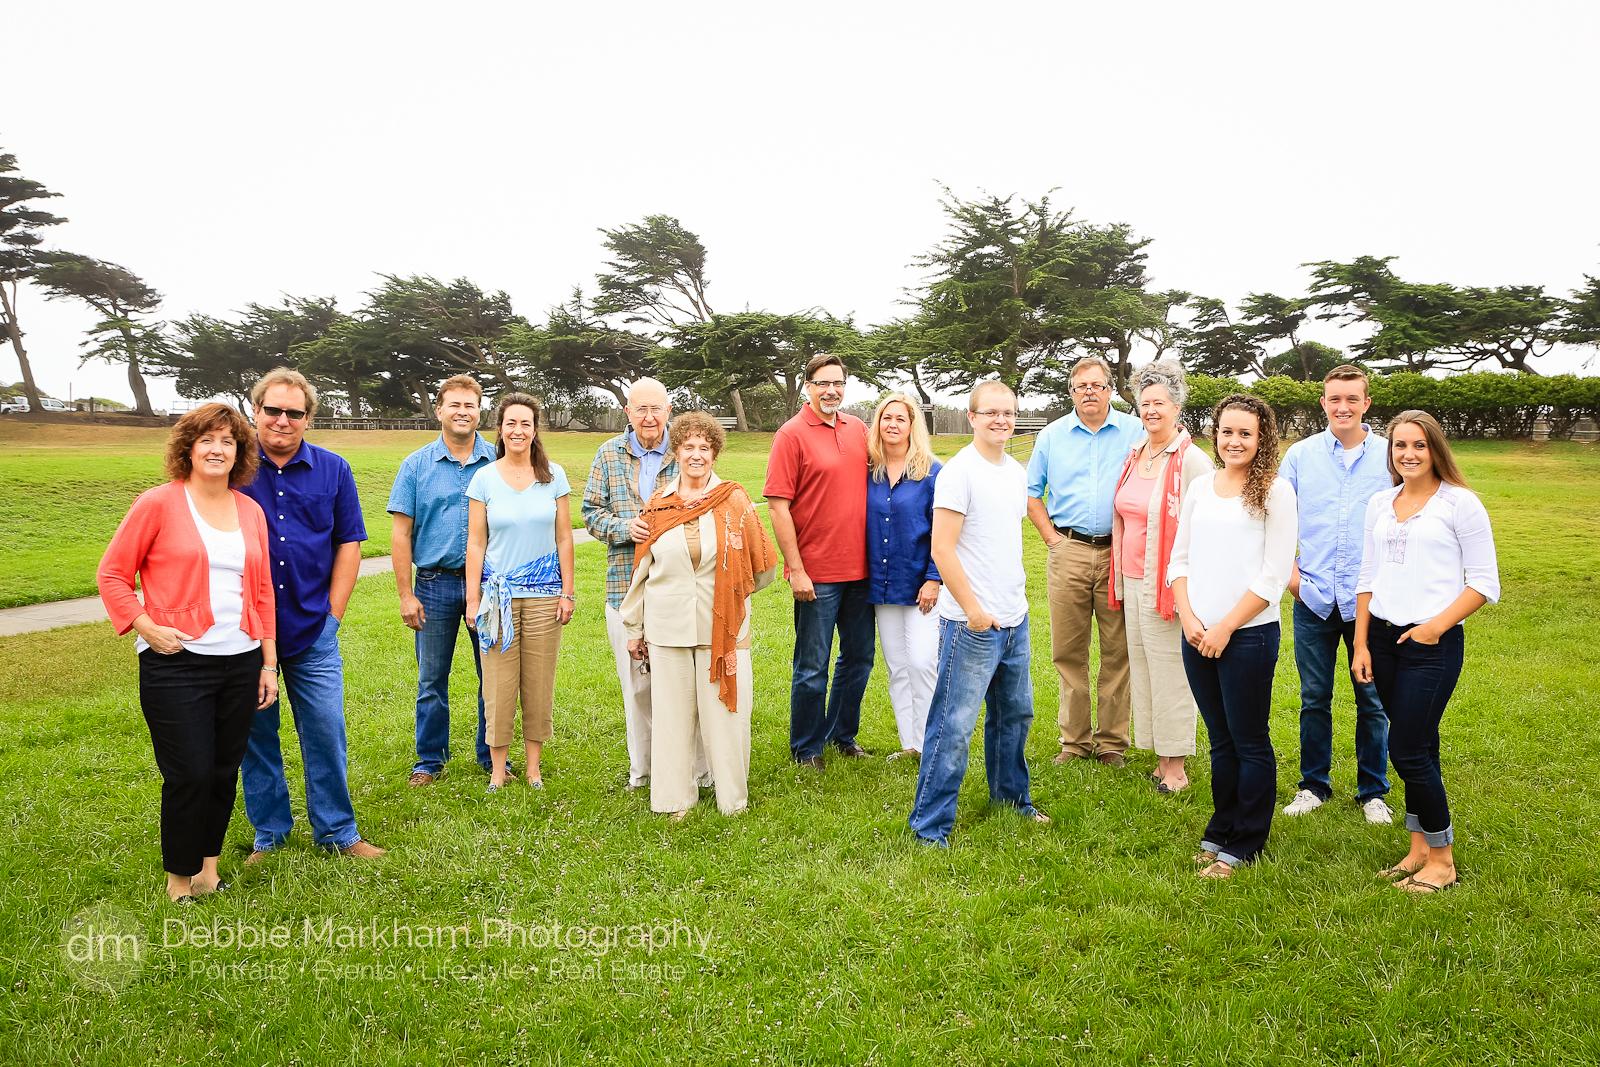 8-7-14 Family Reunion_Shamel Park_Moonstone Beach_Cambria_CA-9667